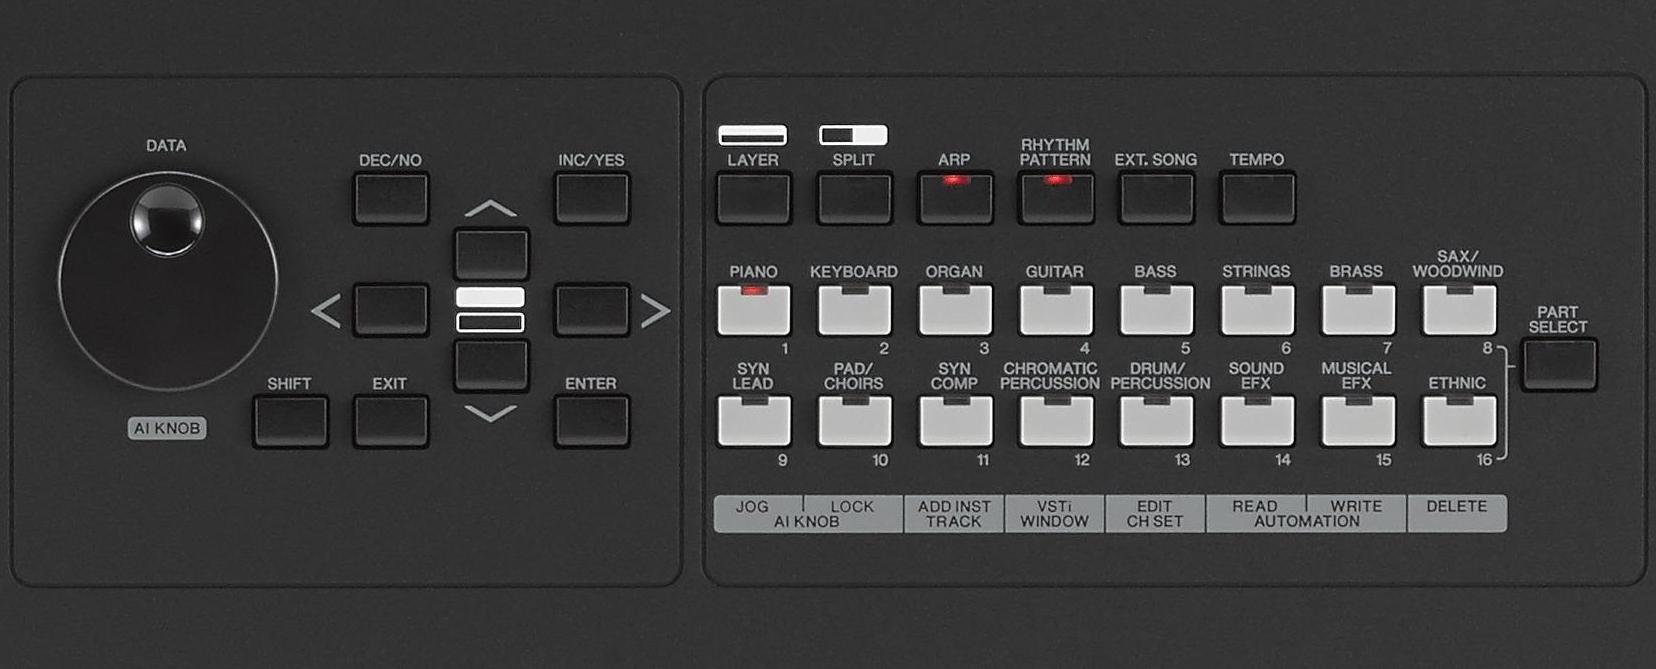 Le due aree dedicate rispettivamente alla navigazione (a sinistra) e quella per la selezione dei preset (a destra), che contiene anche le impostazioni della tastiera e gli switch per attivare l'arpeggiatore, il modo Rhythm Pattern e la visualizzazione del tempo di esecuzione